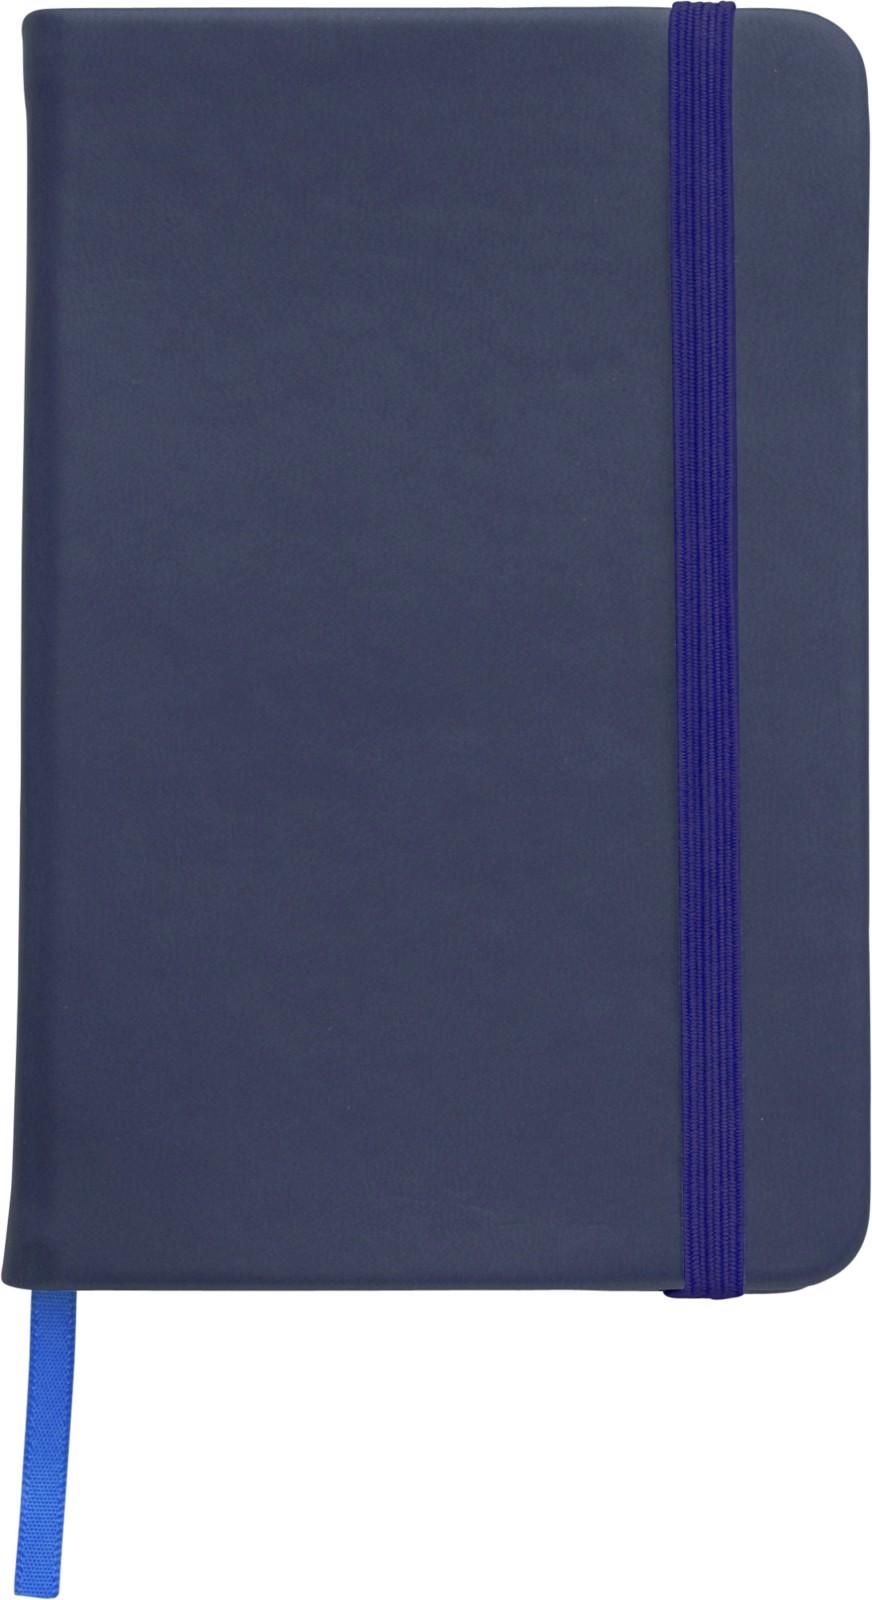 Notizbuch 'Color-Line' A5 aus PU - Blue